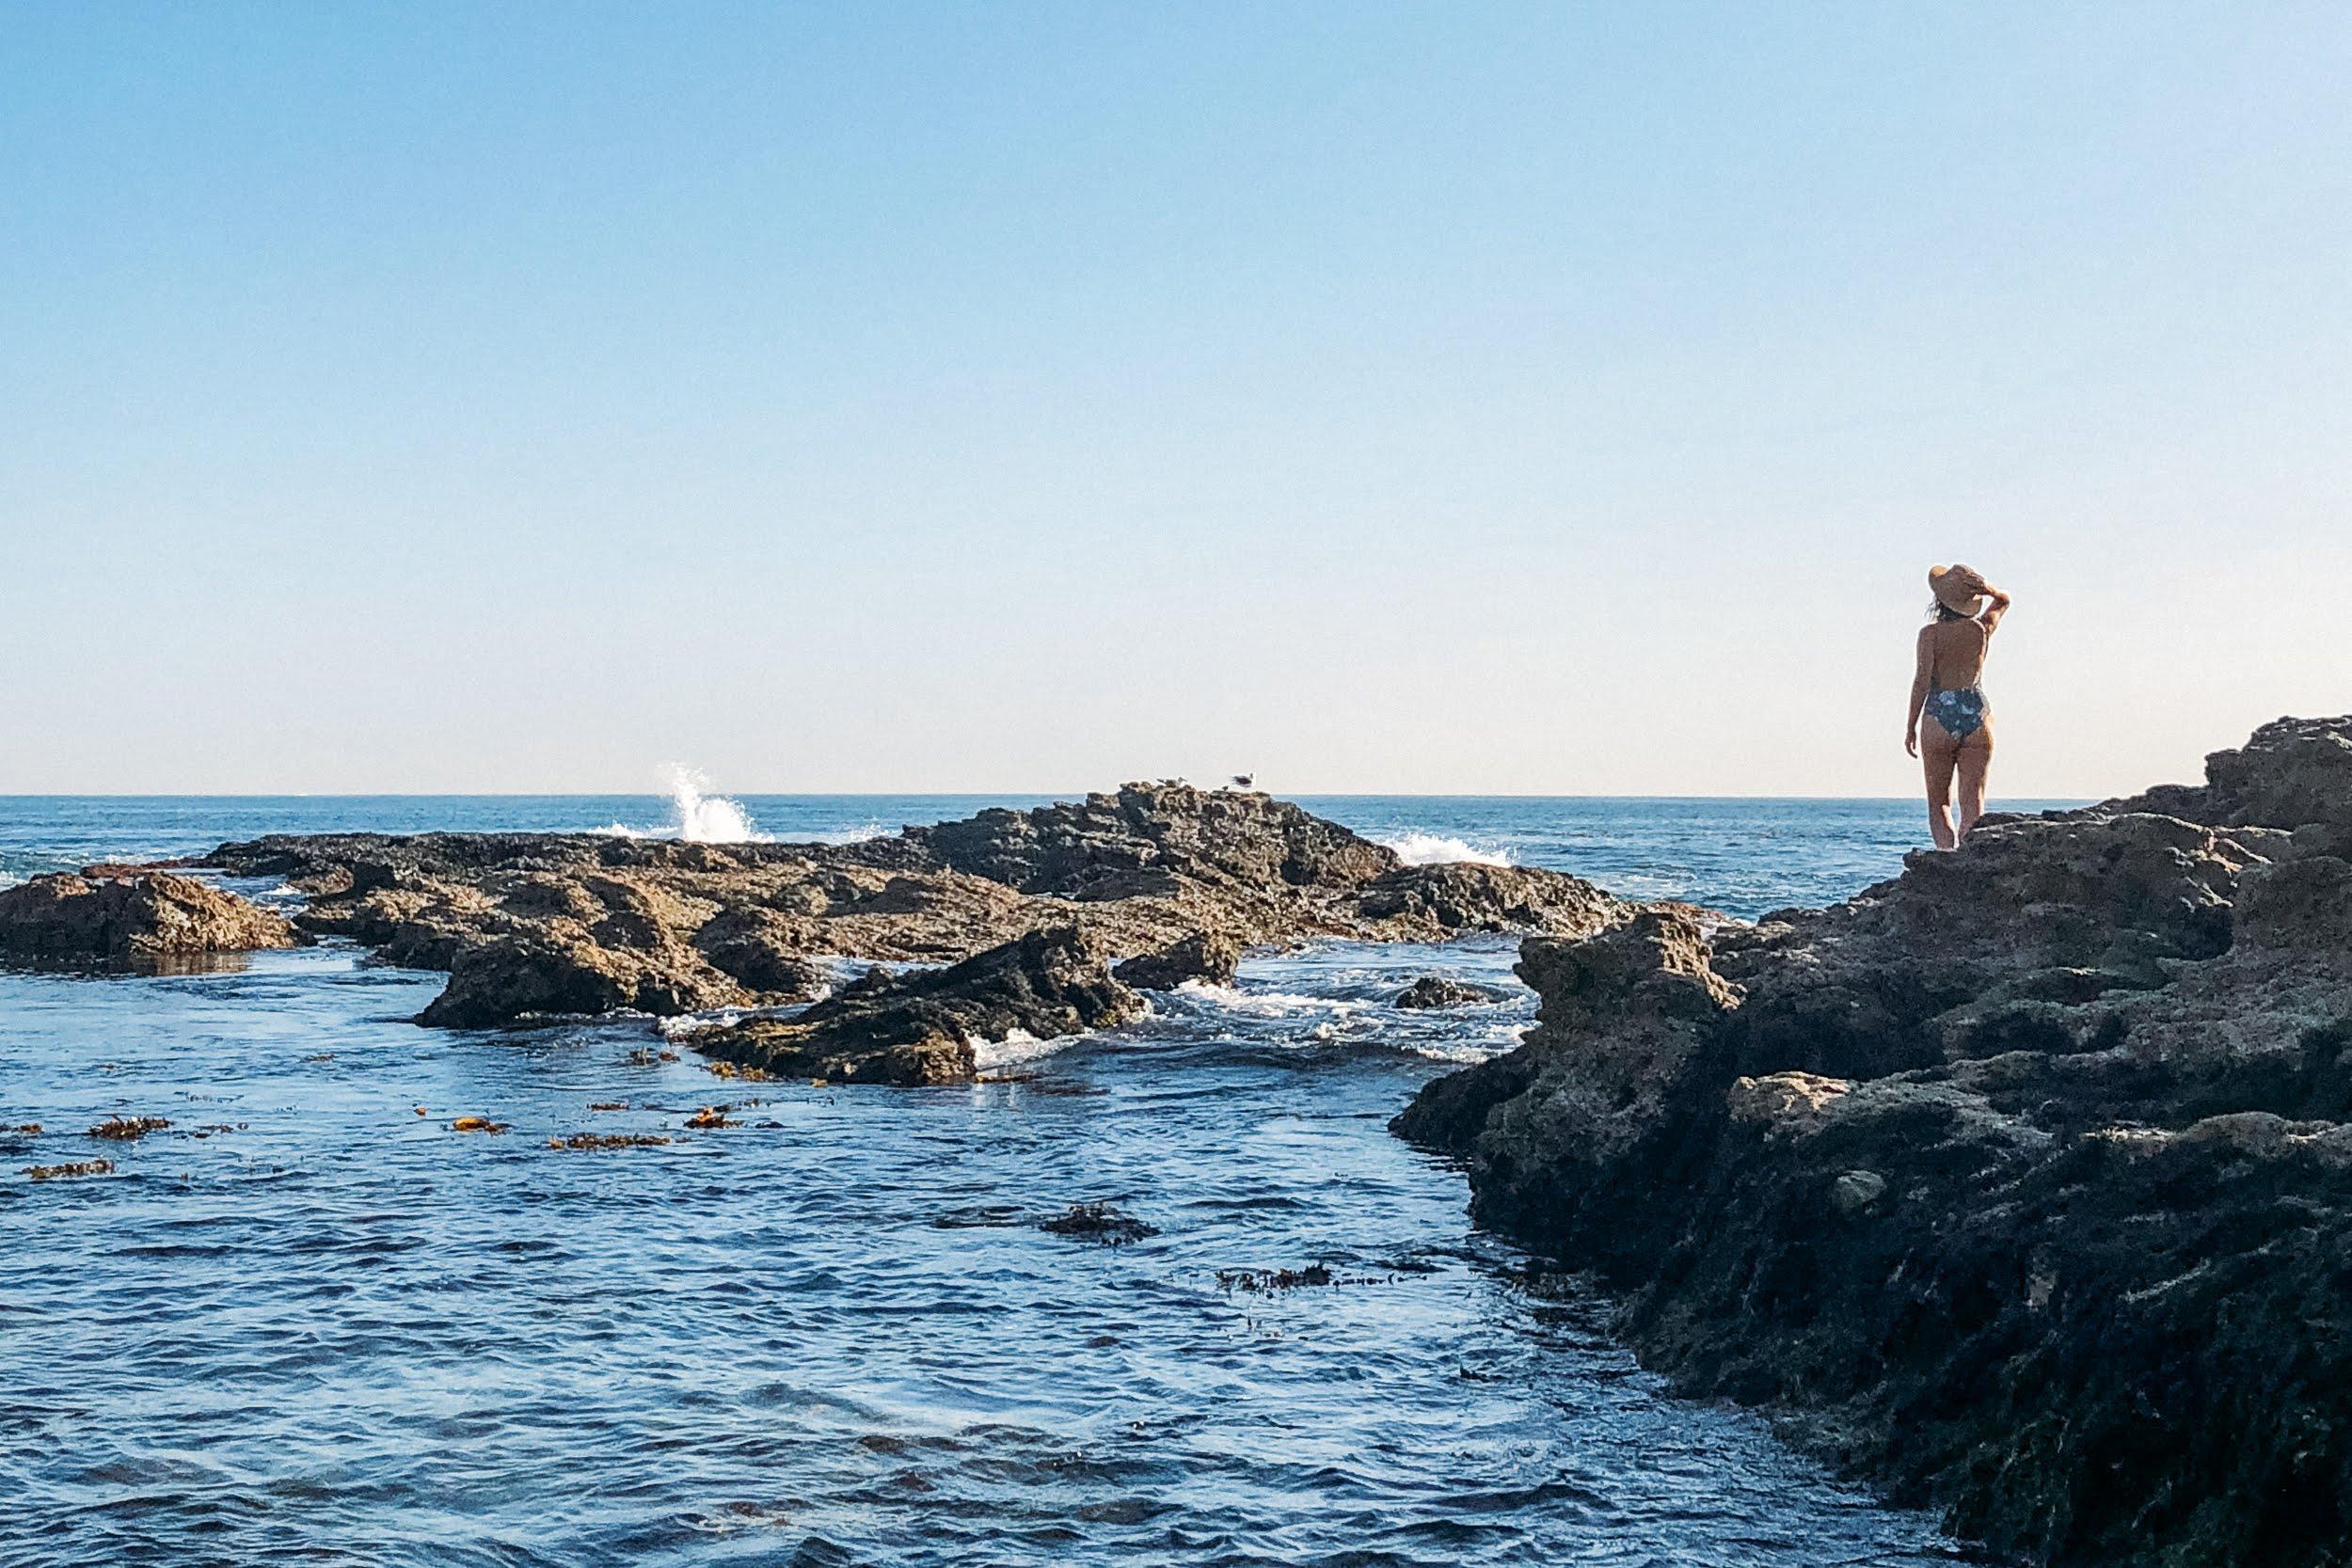 Praias de laguna beach na califórnia